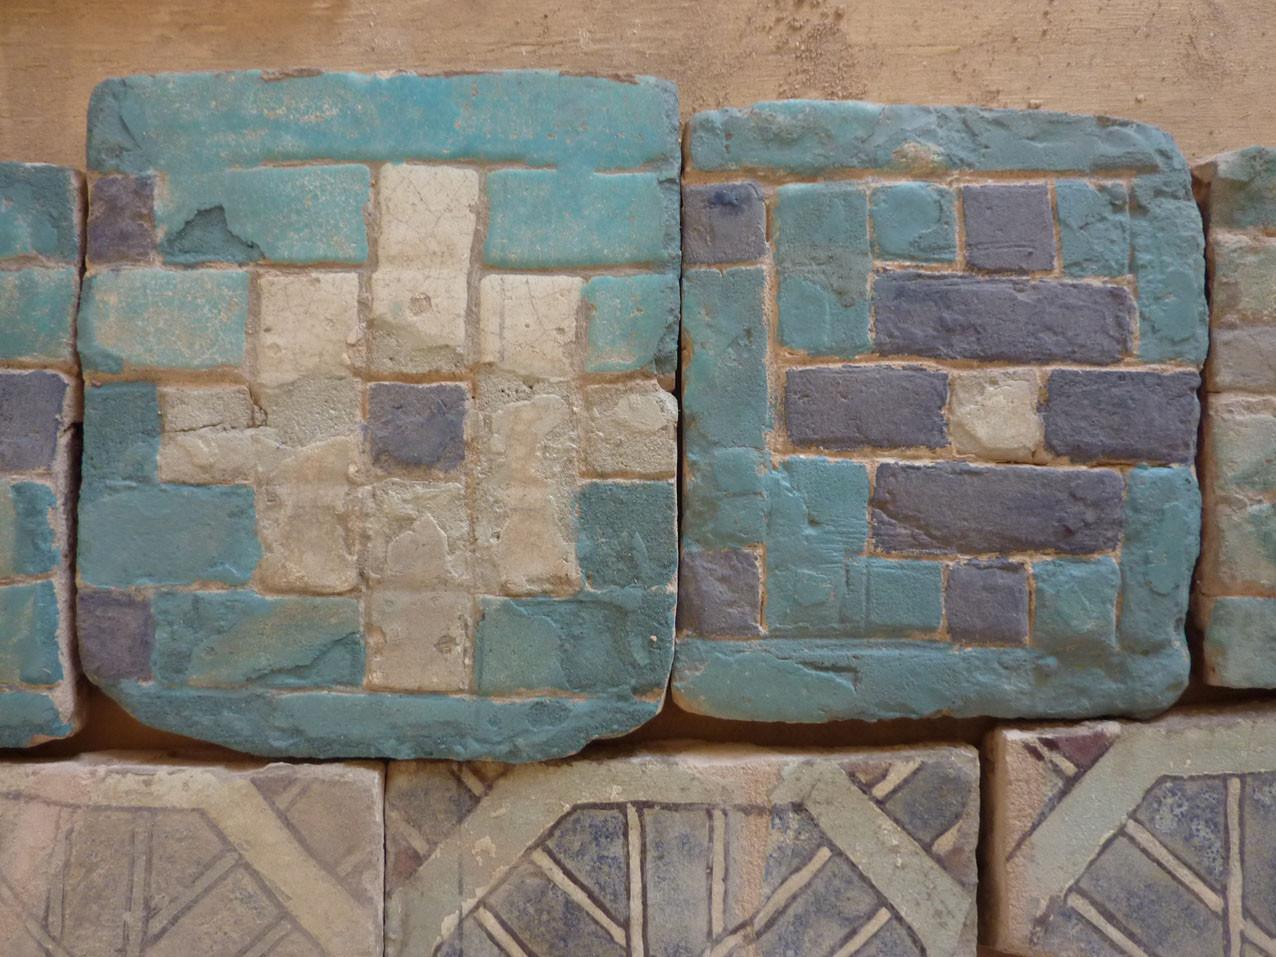 Les couleurs doivent être adaptées pour chaque carreau (Socra, 2012)